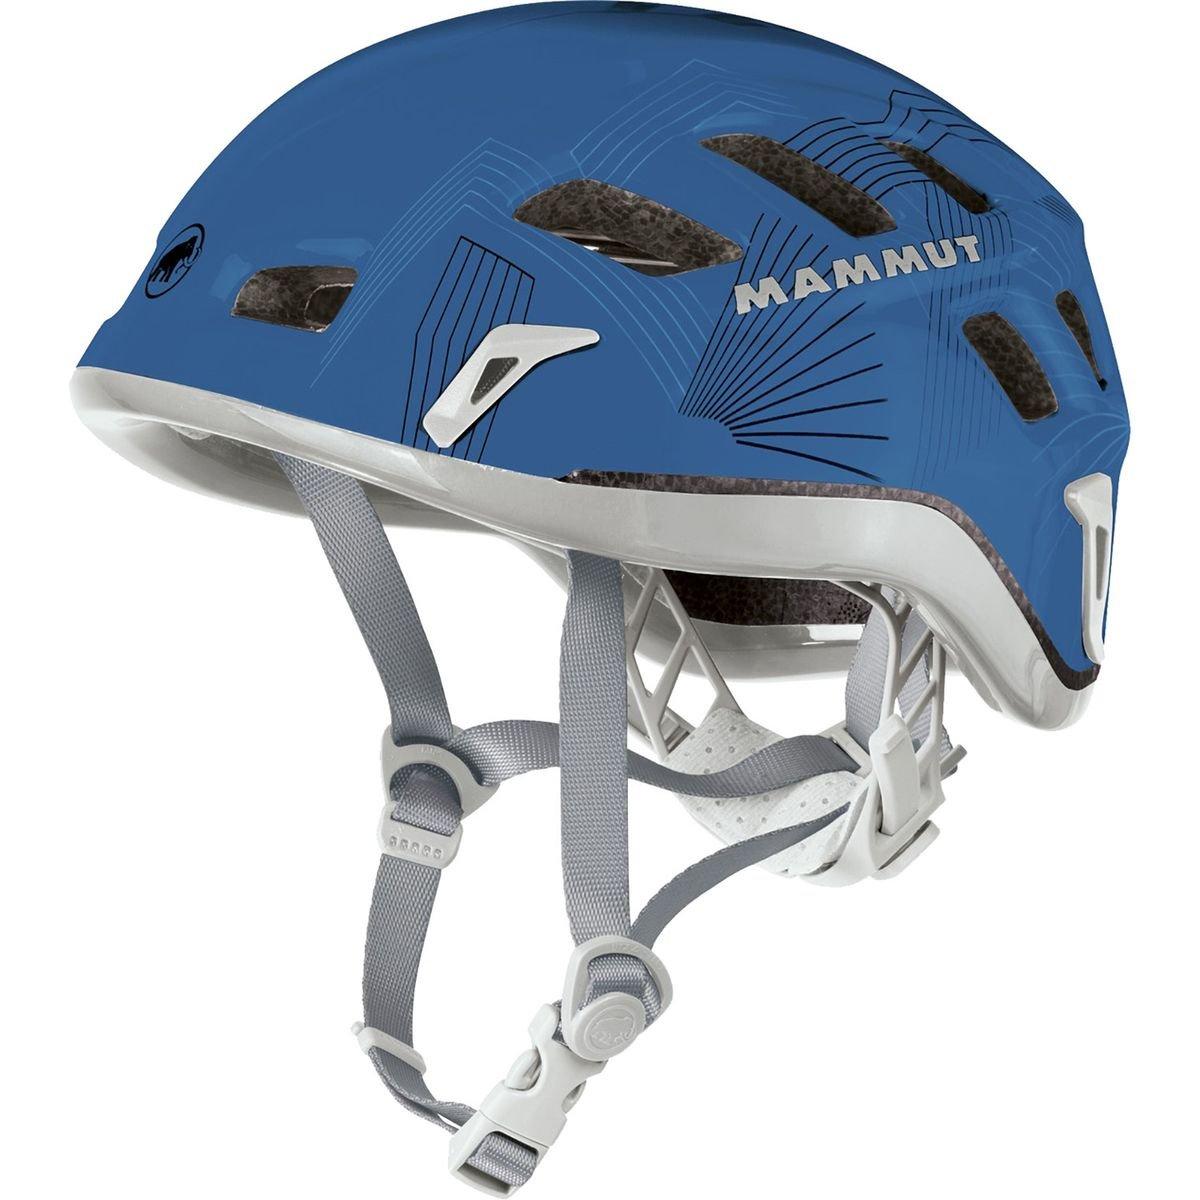 Mammut Rock Rider Blanco - Cascos de protección para Deportes (Blanco)